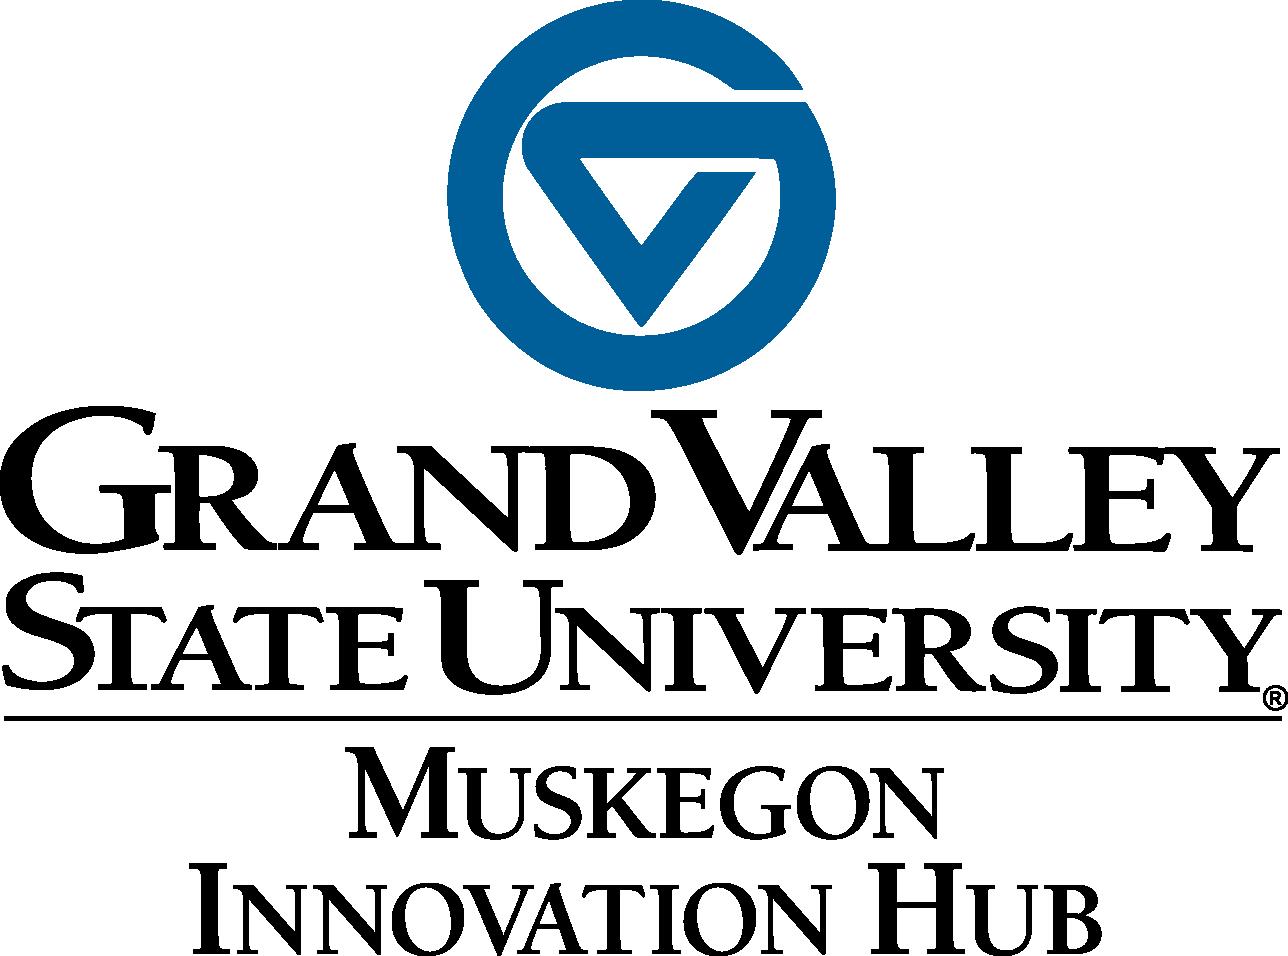 Muskegon Innovation Hub logo